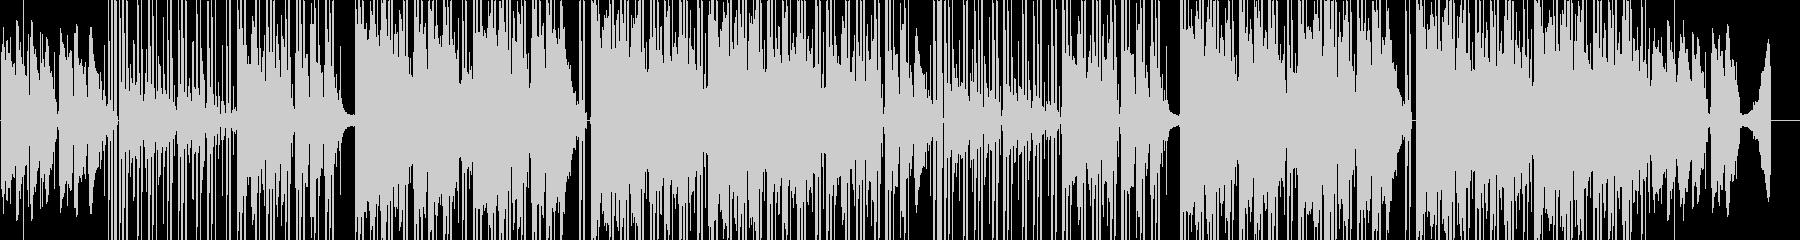 オシャレで切ないLO-FIインストの未再生の波形